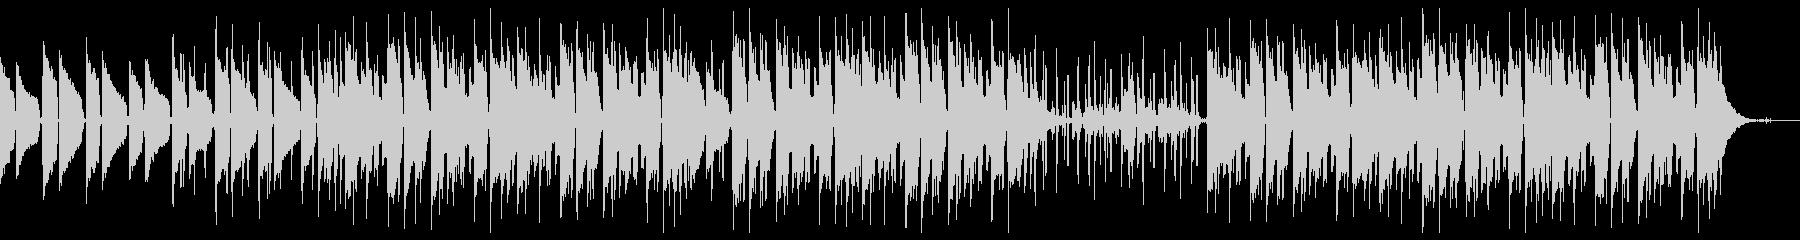 ローファイチルホップ ネオソウルギターの未再生の波形